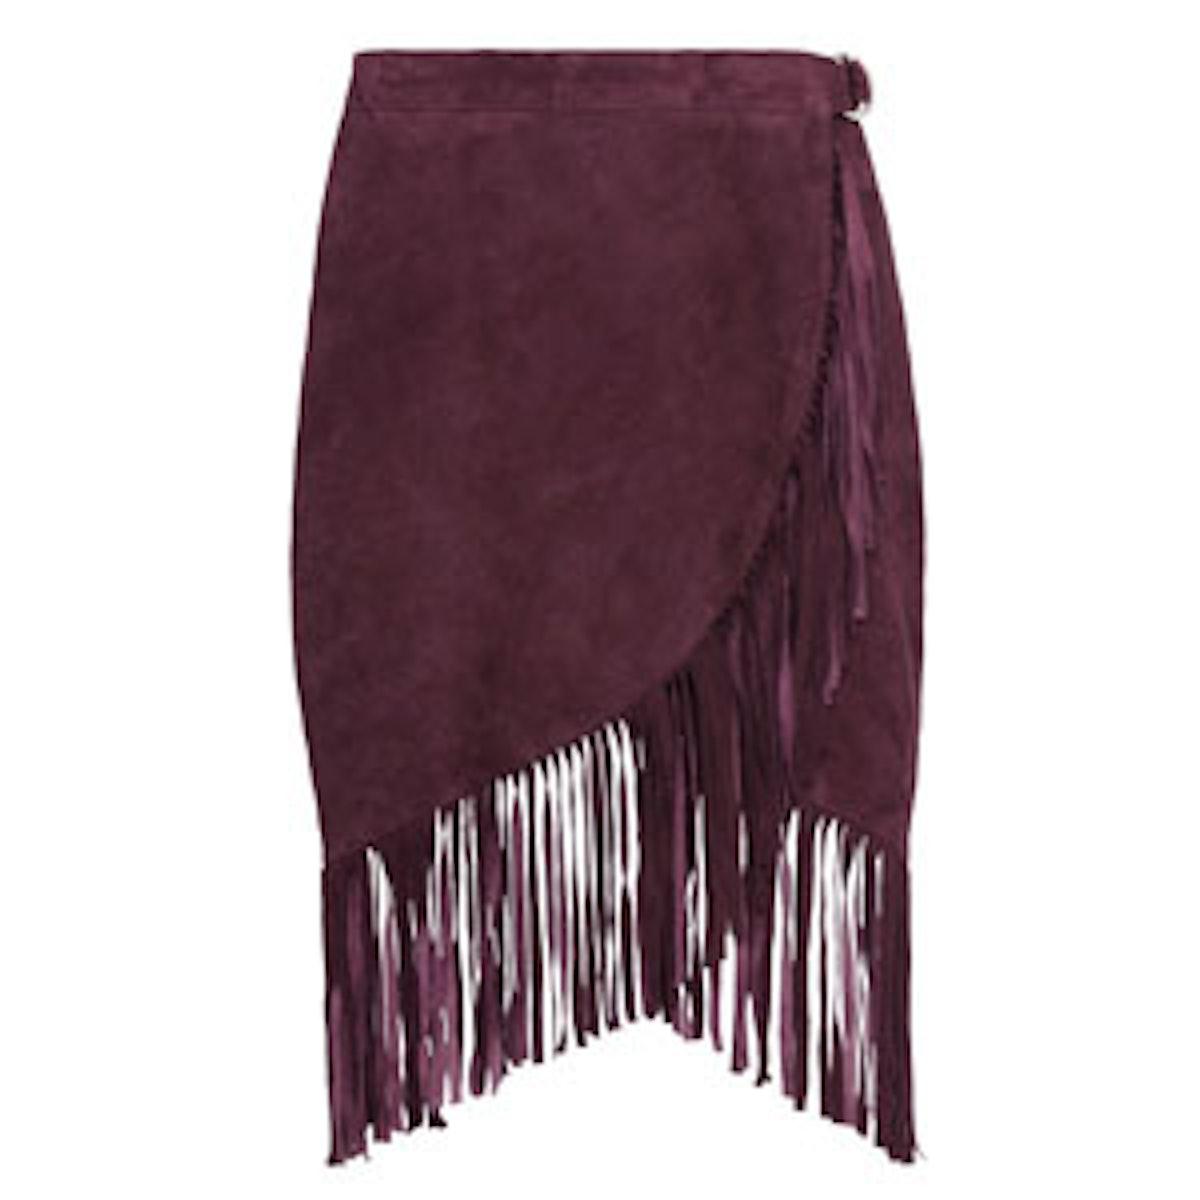 Bordeaux Suede Bessie Skirt